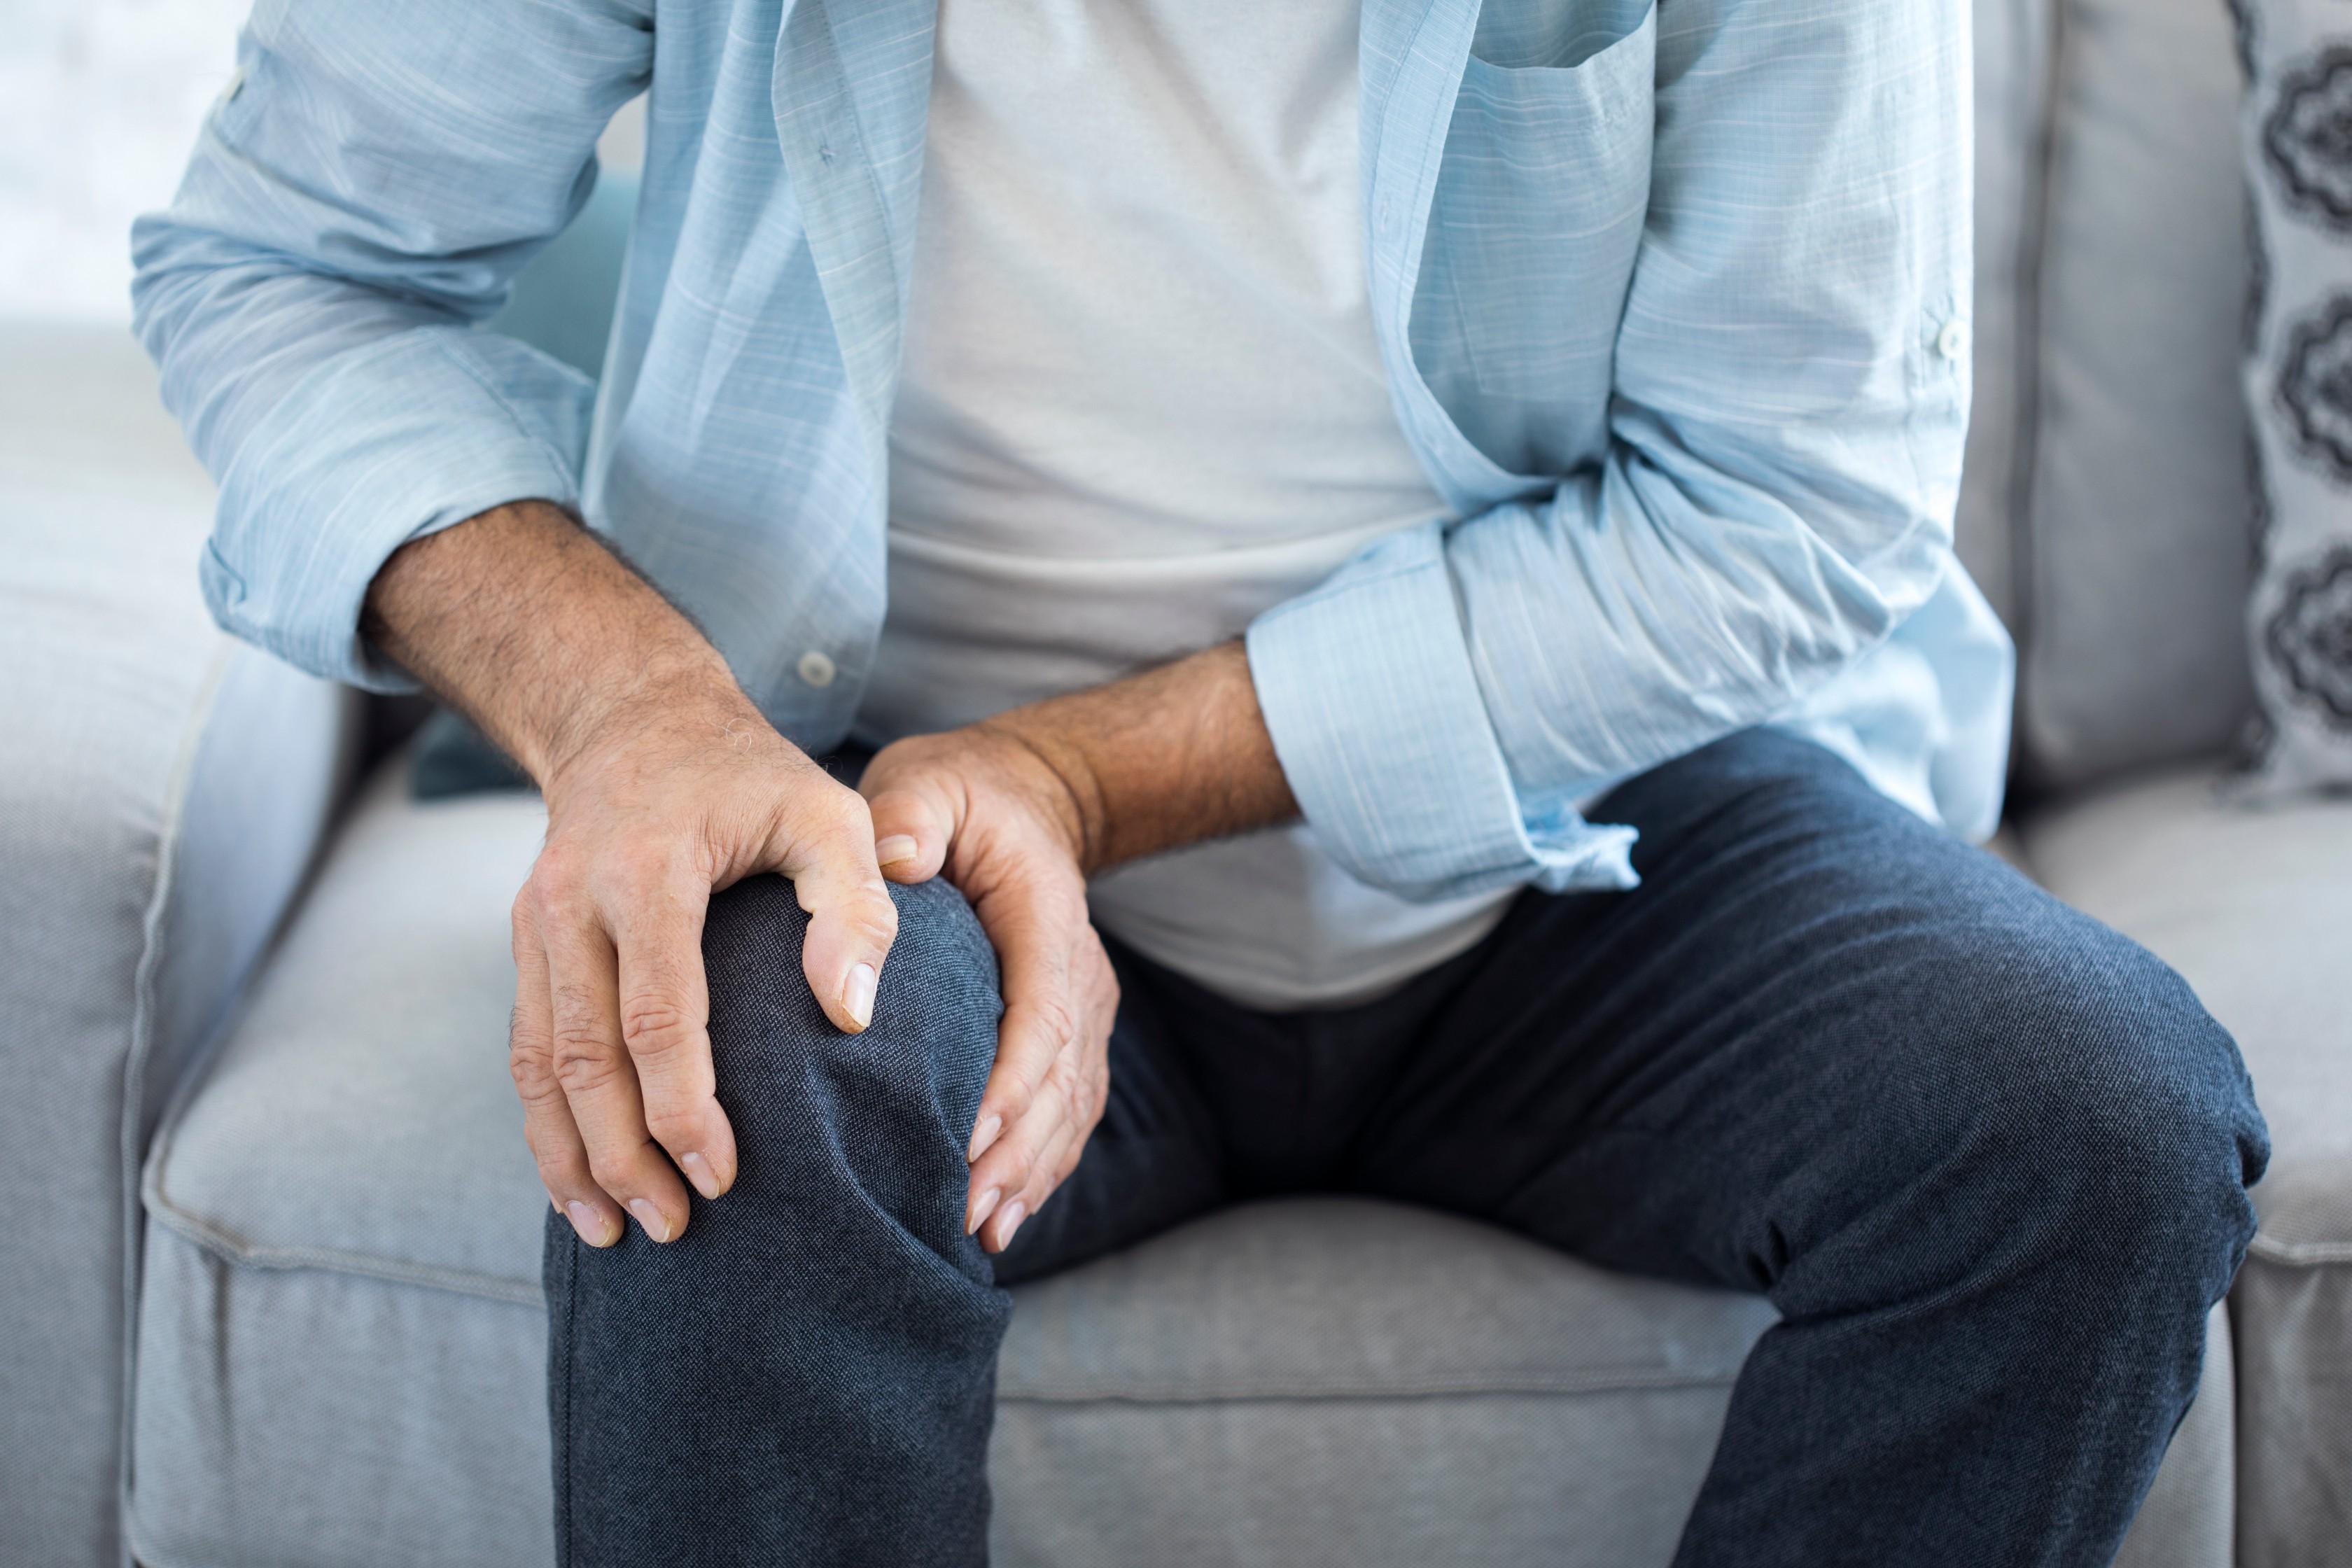 görcs és váll fájdalom ízületek és szalagok megerősítése és helyreállítása